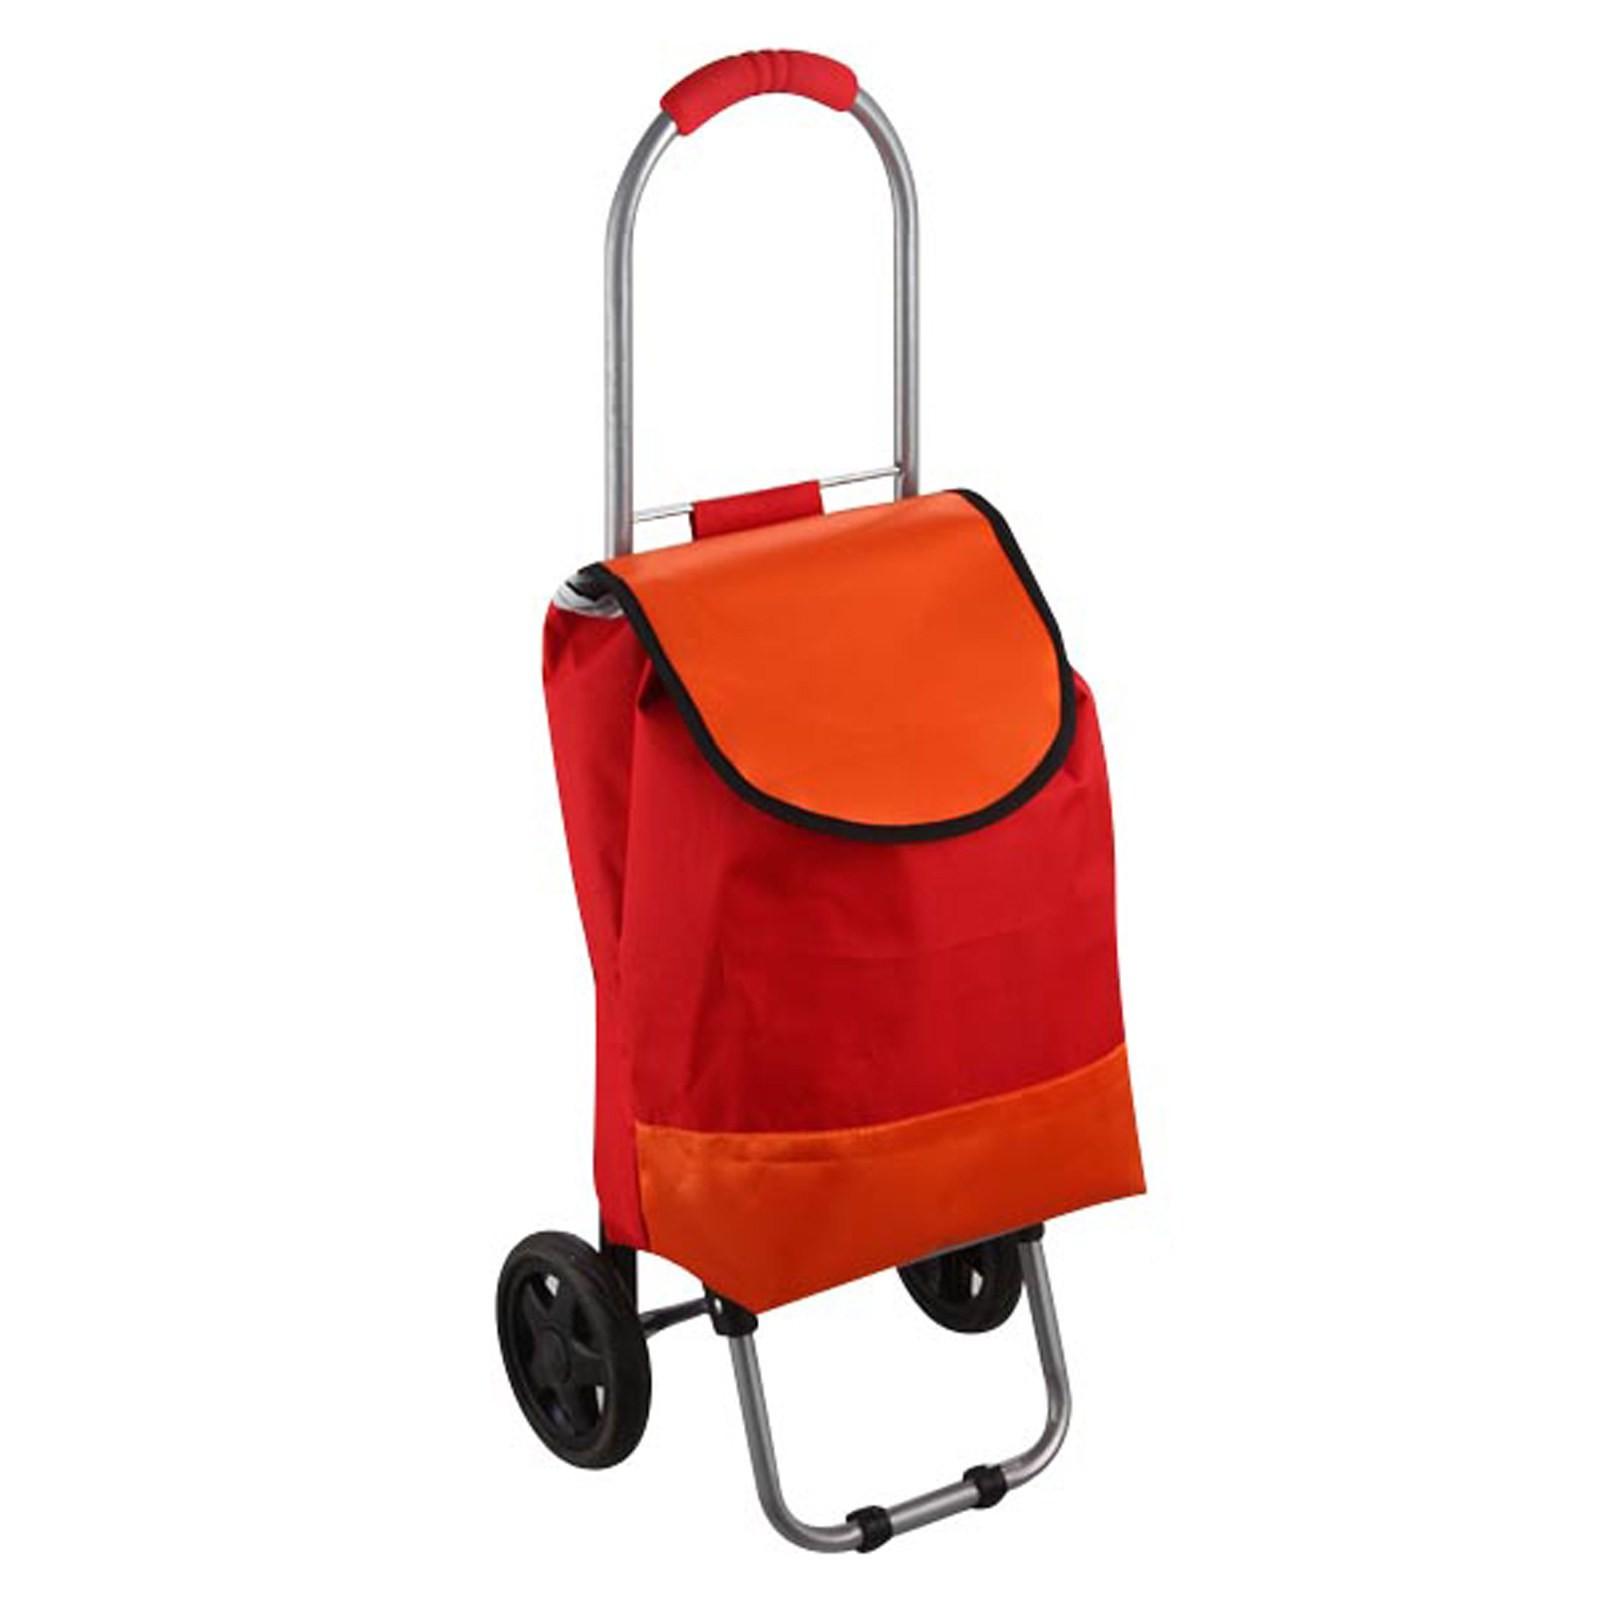 Carrello per la spesa 2 ruote borsa porta spesa trolley for Foppapedretti carrello spesa